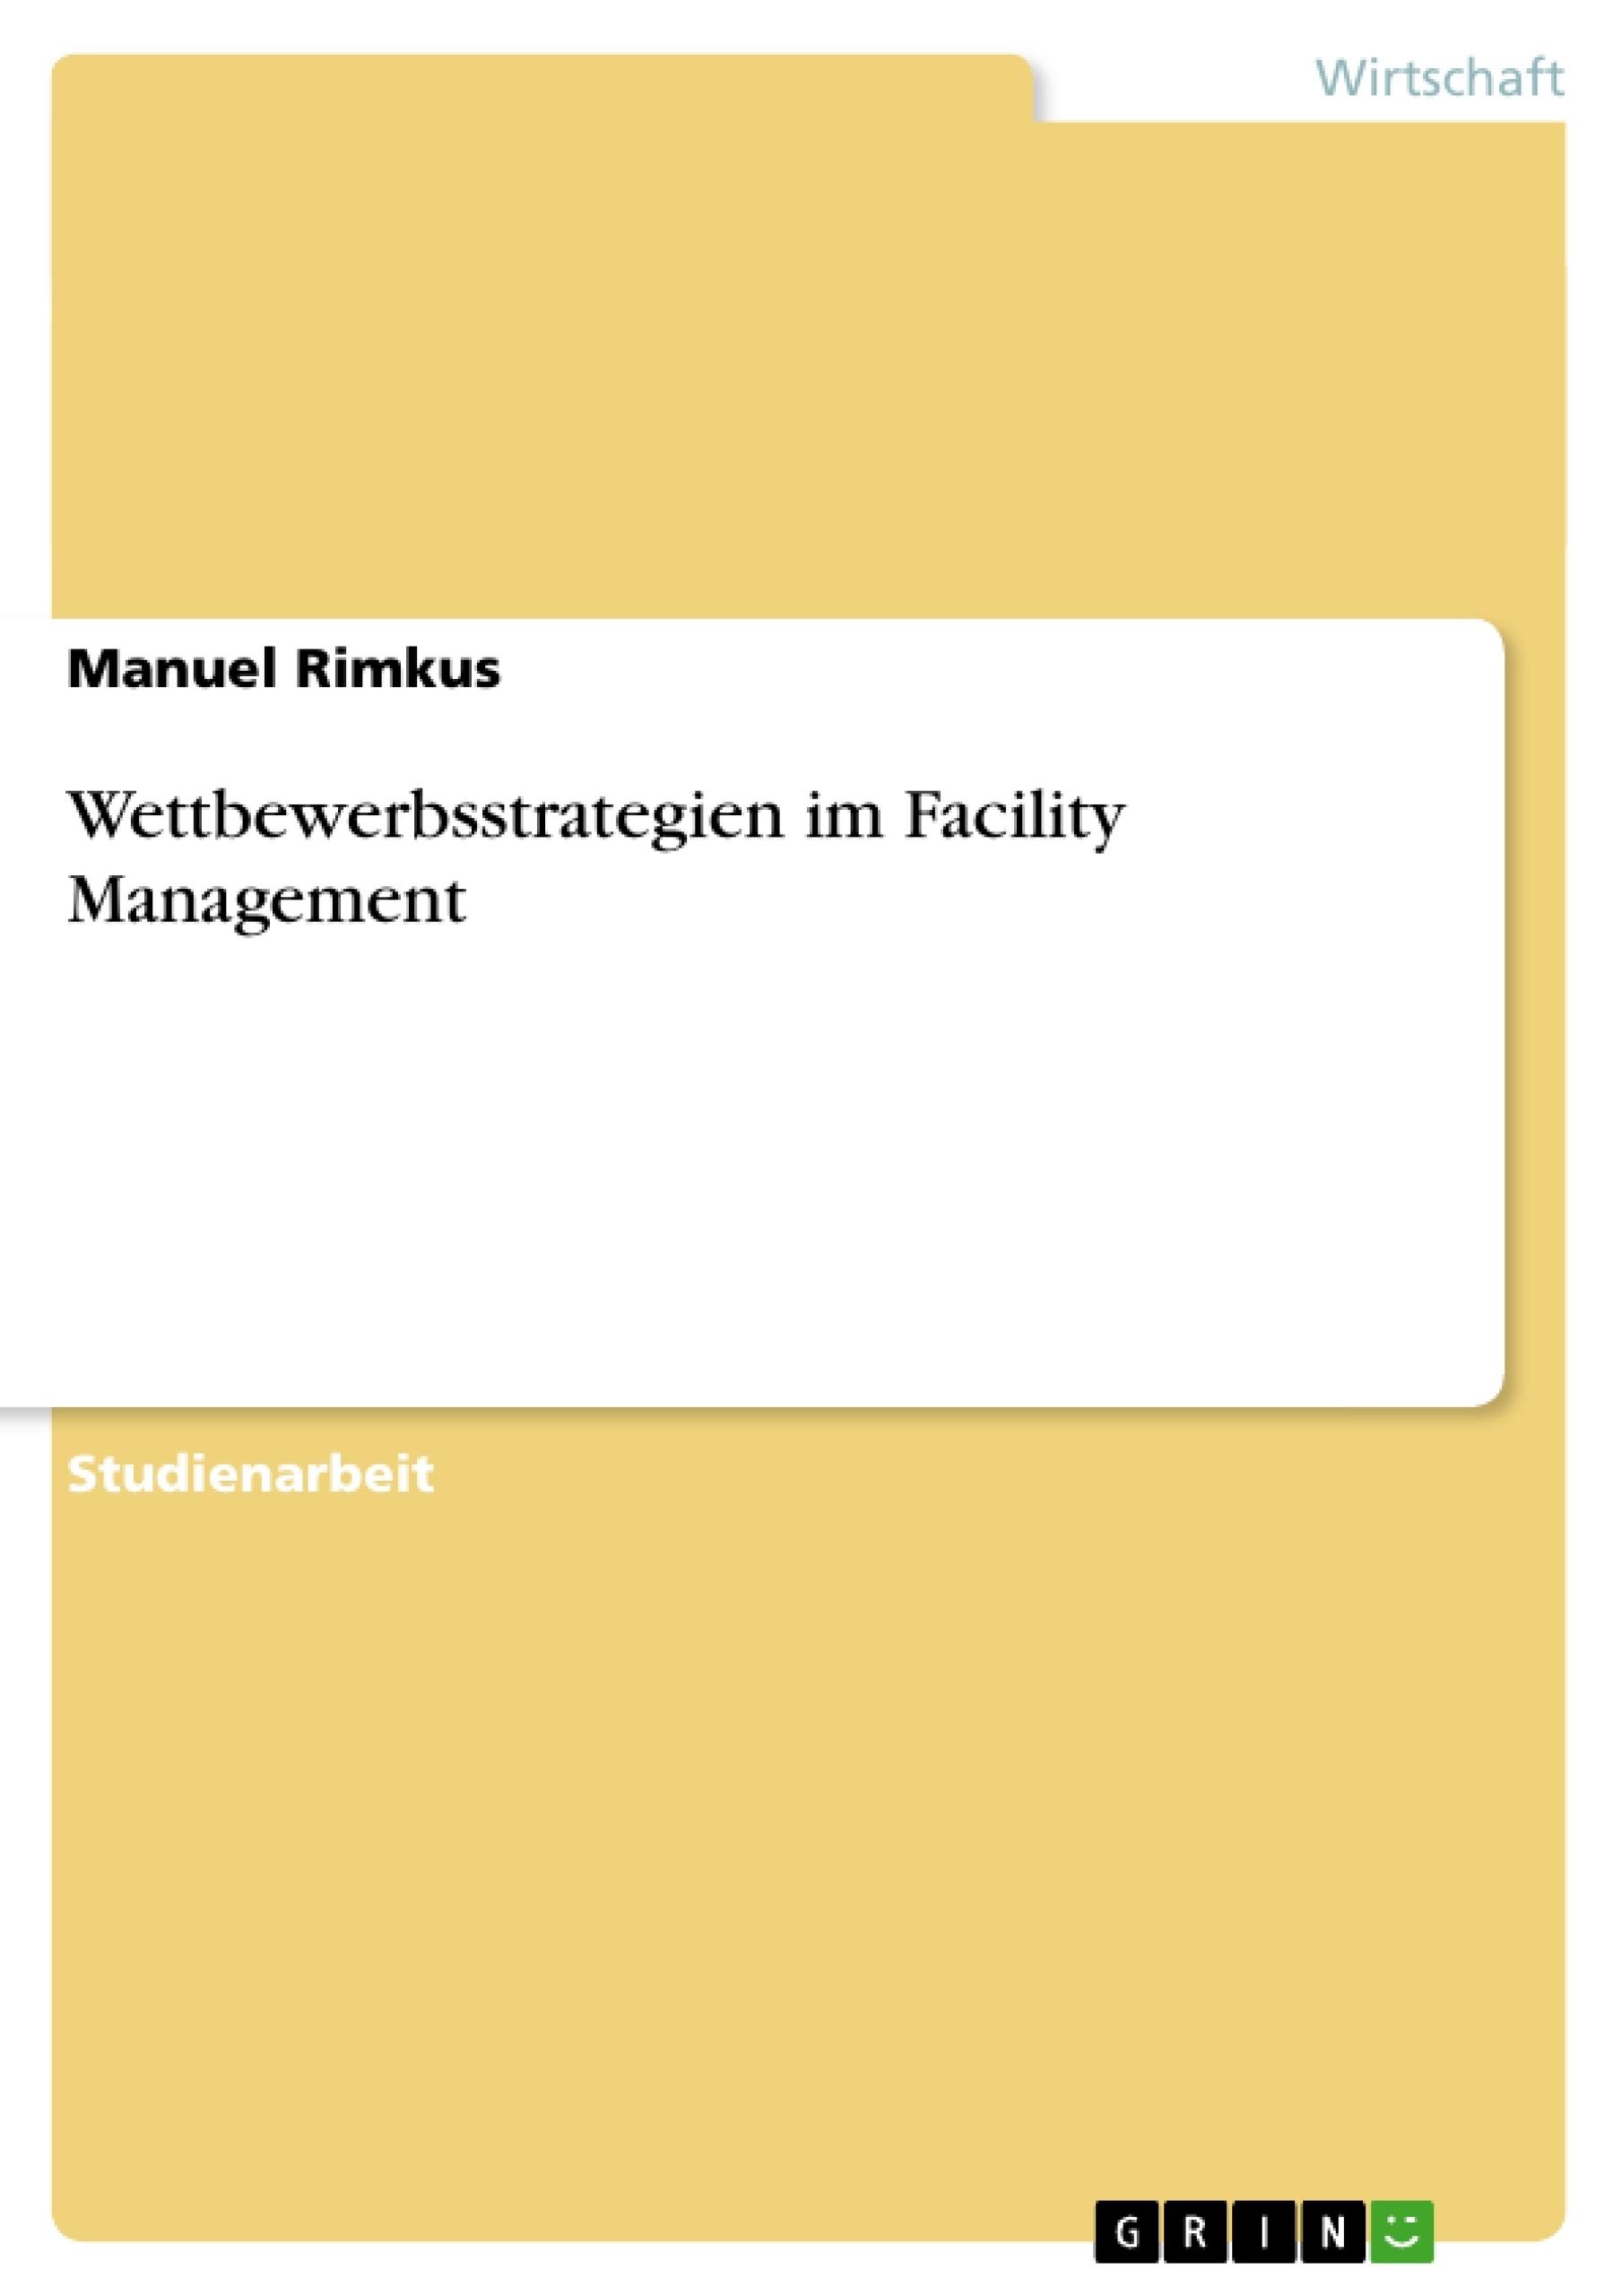 Titel: Wettbewerbsstrategien im Facility Management